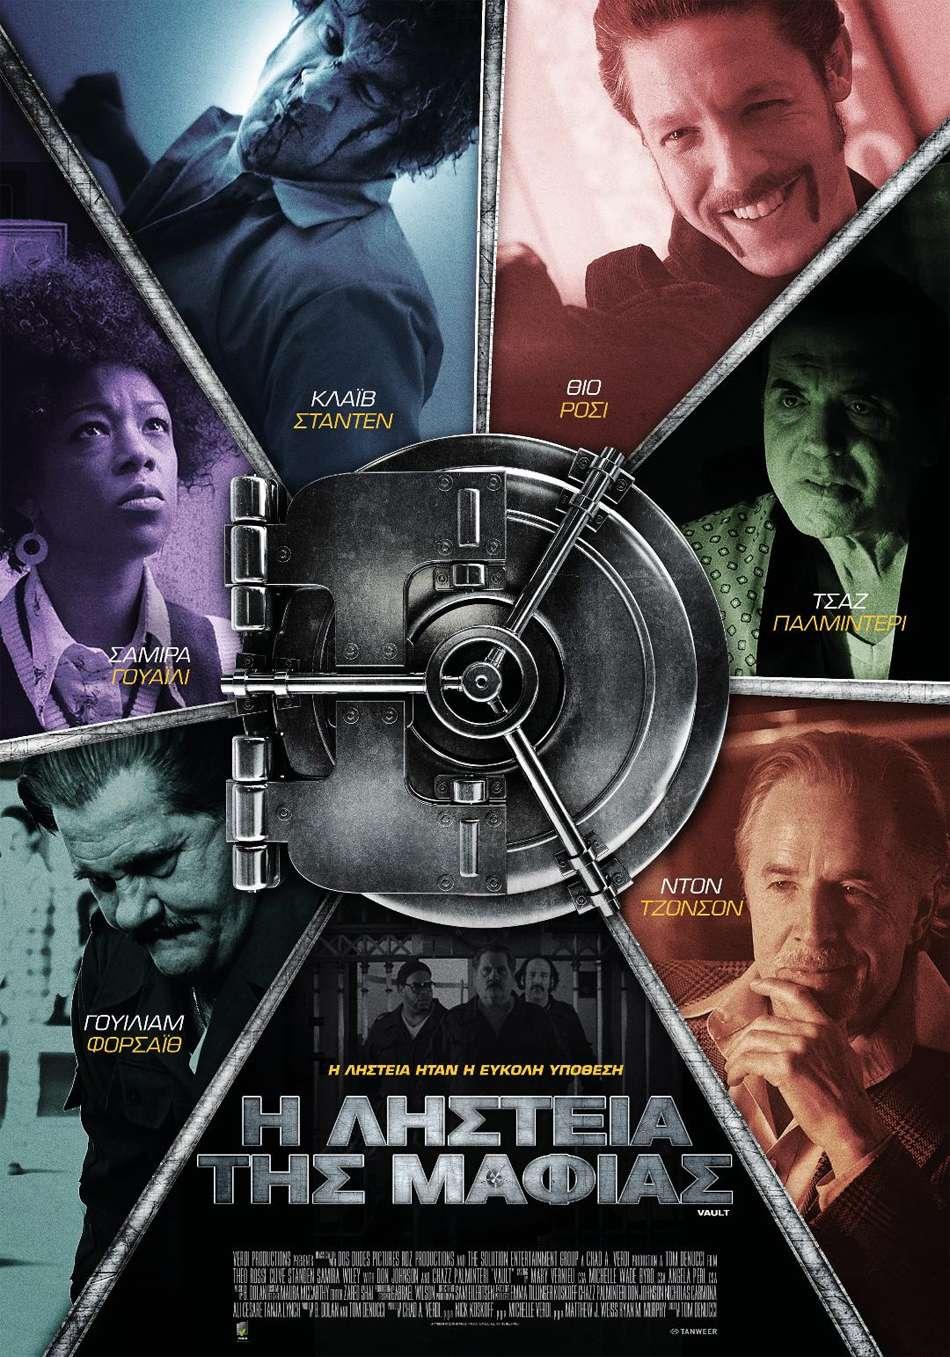 Η Ληστεία της Μαφίας (Vault) Trailer / Τρέιλερ Poster